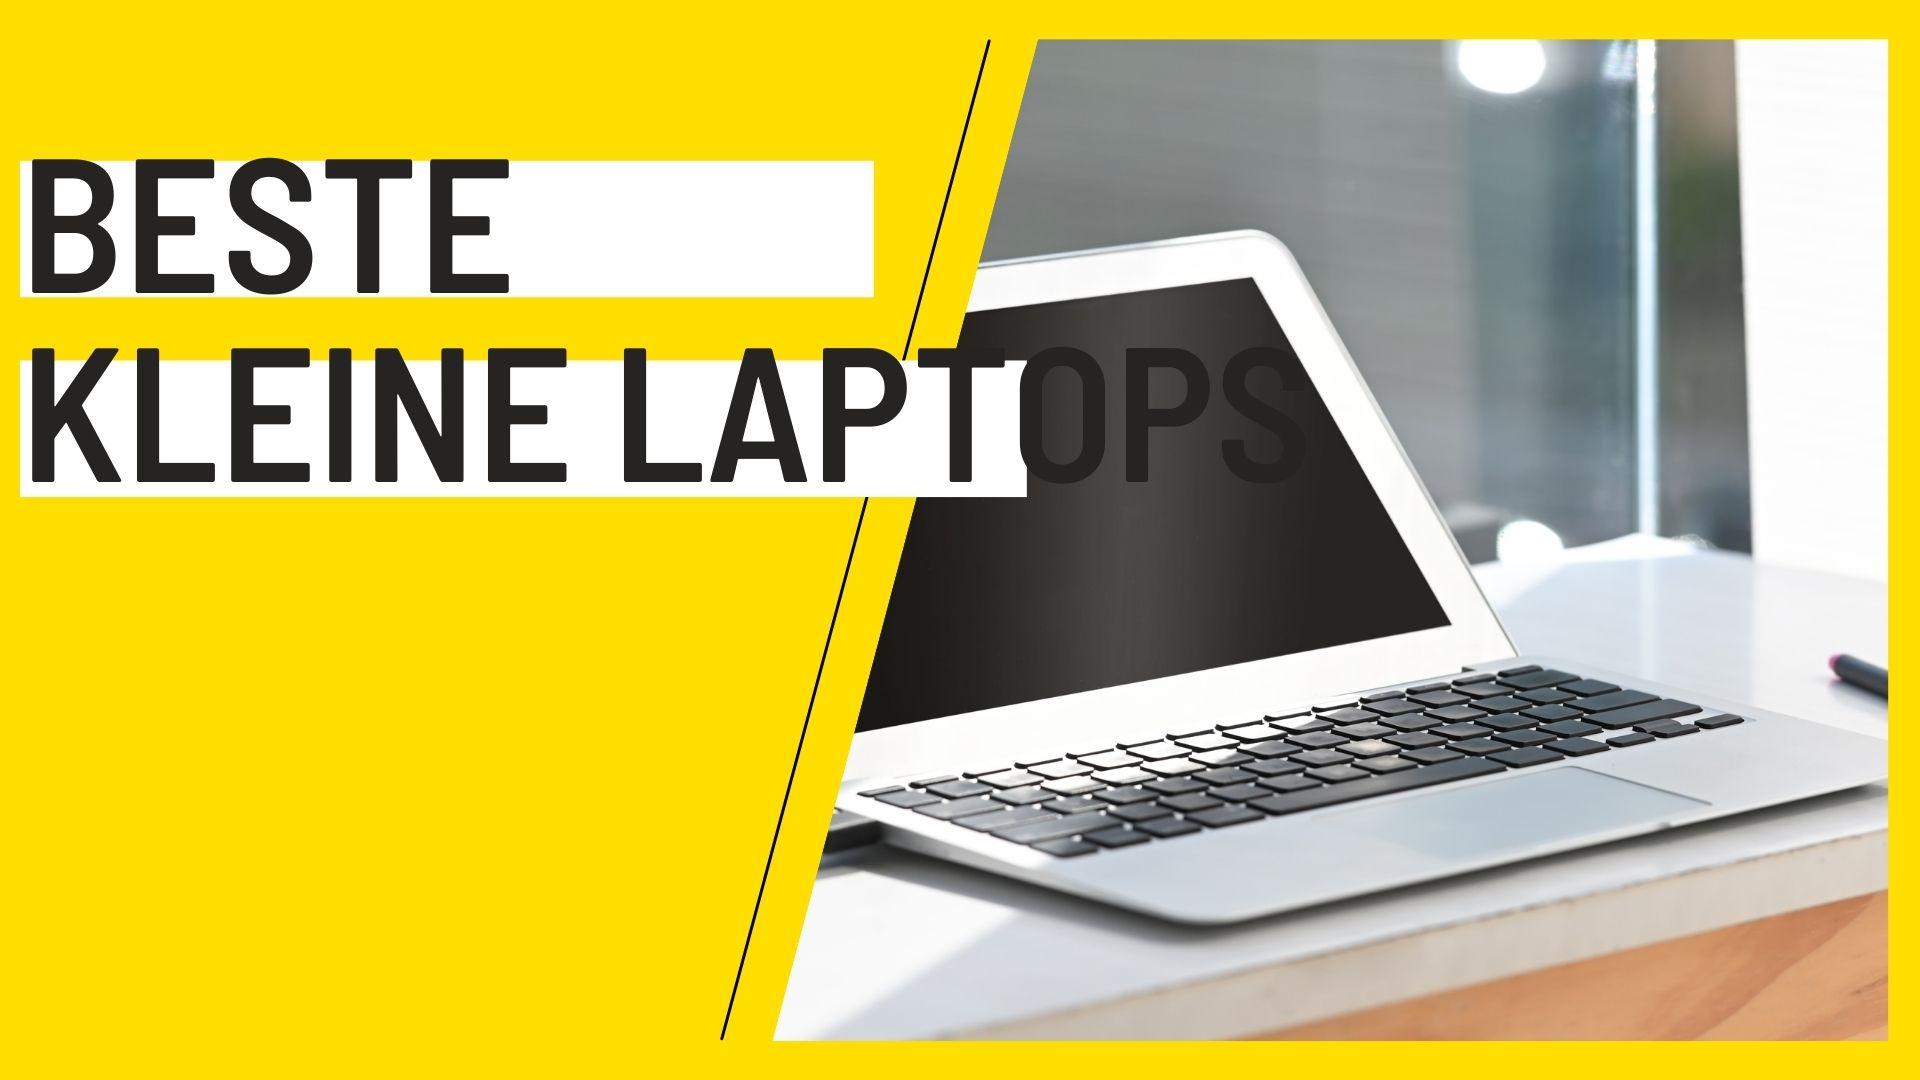 Beste kleine laptops